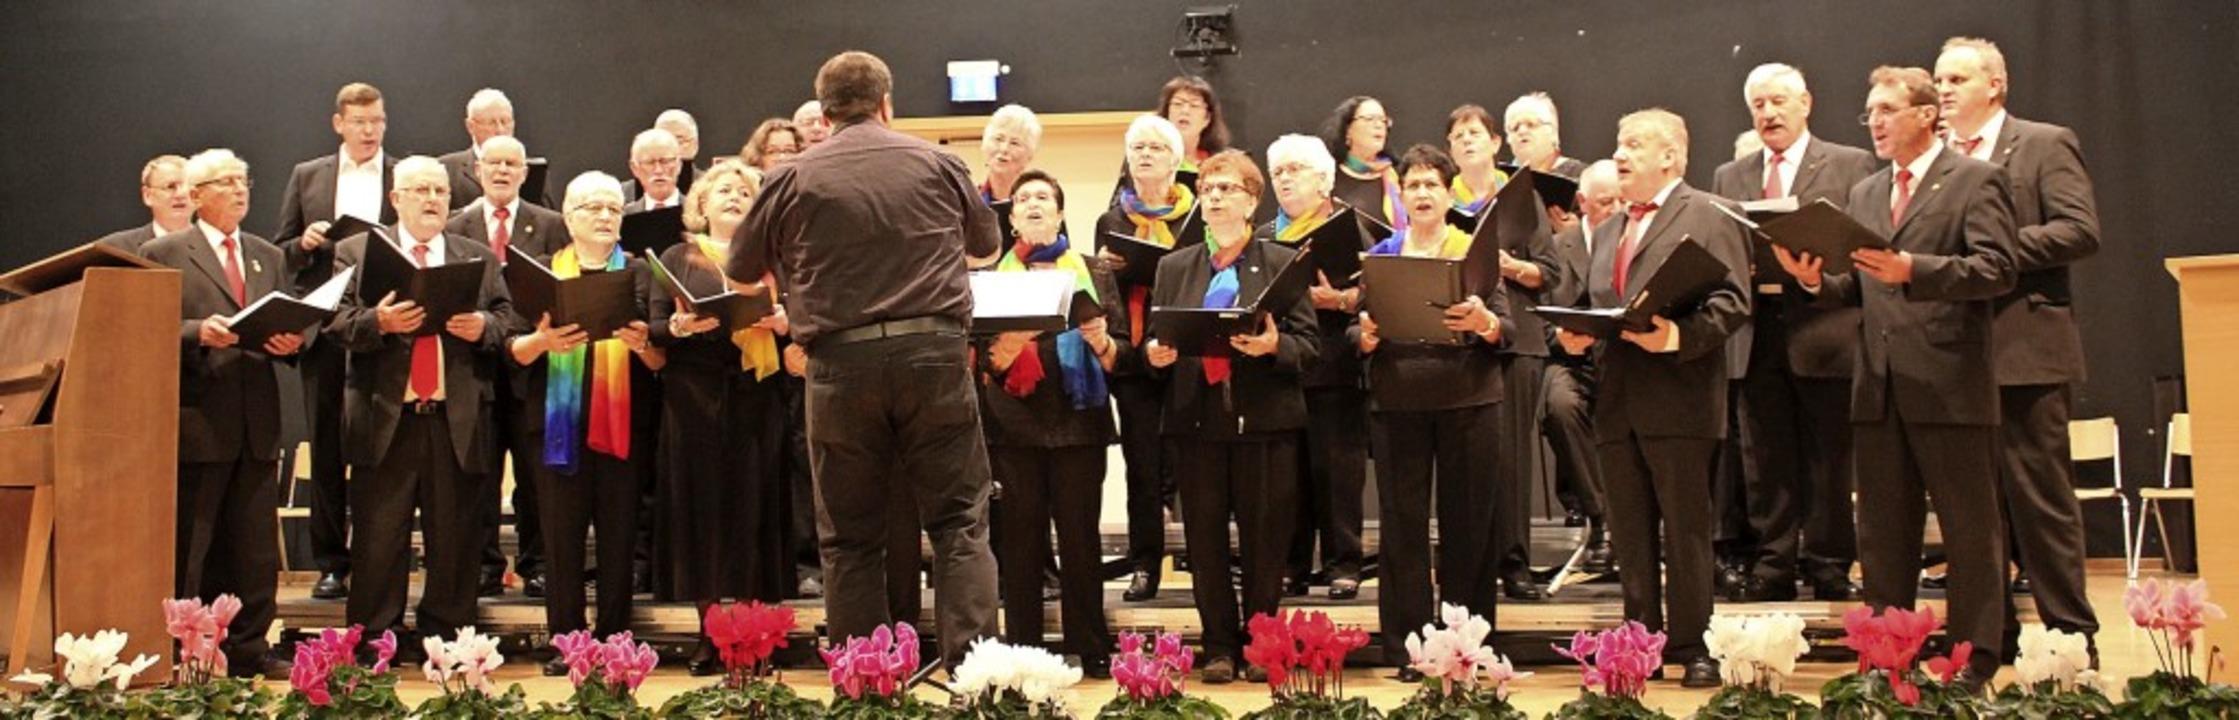 Der Gesangverein Hartheim in seiner ge...mmen mit dem Dirigenten Ulrich Strub.   | Foto: Otmar Faller